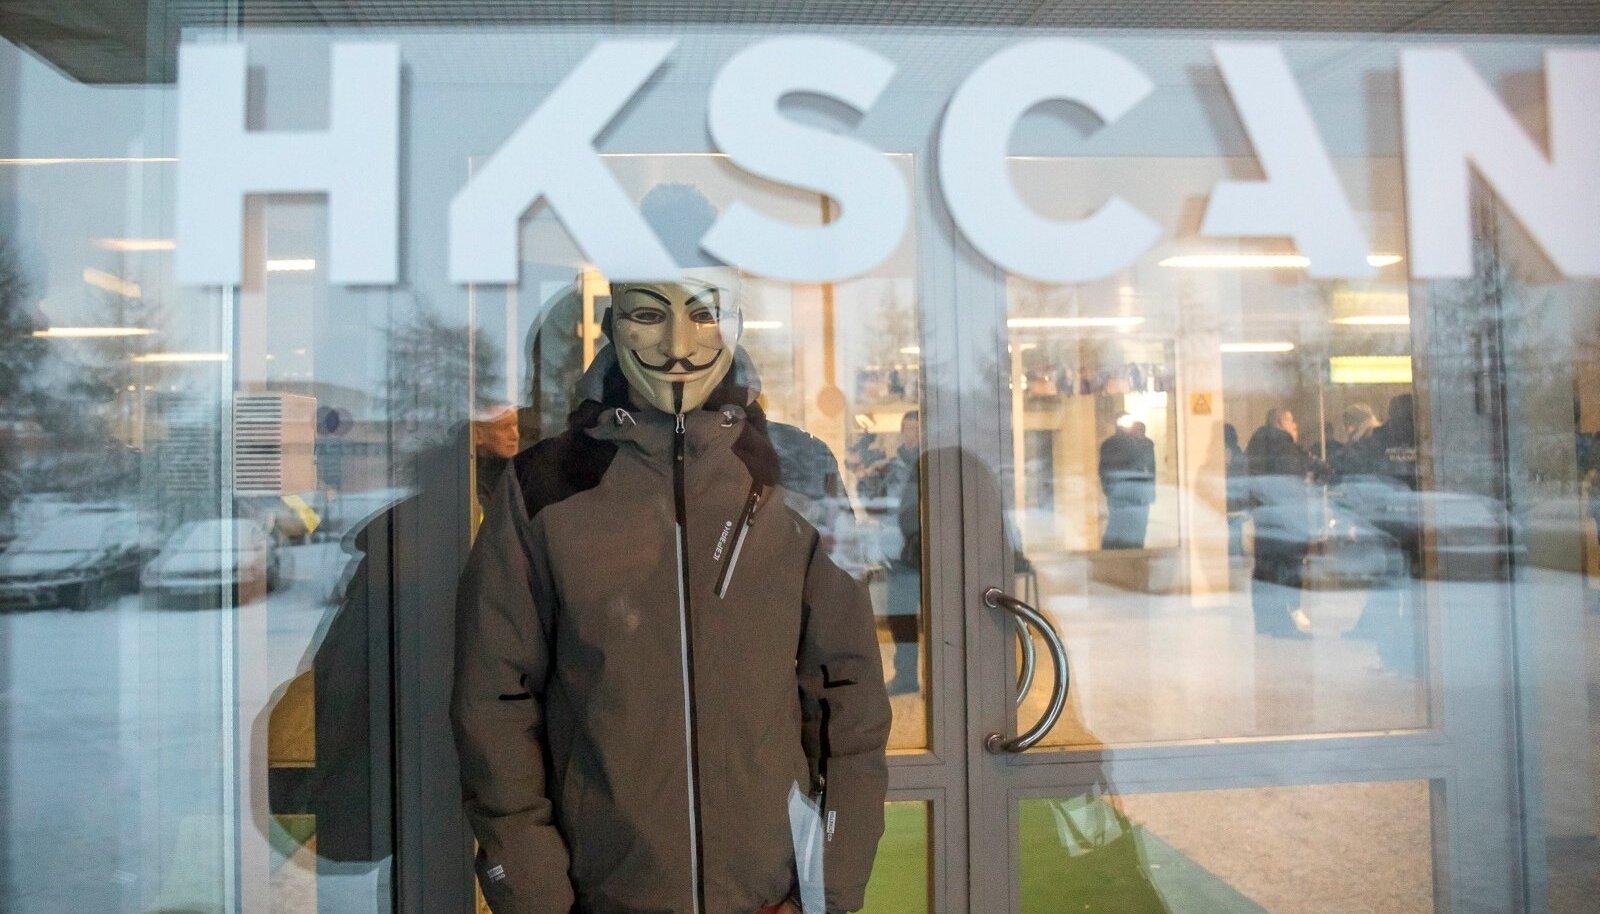 Maskiga tapamaja liinitöötaja sõnul on 16% suurune palgatõus naeruväärselt väike, et sellest keelduda.